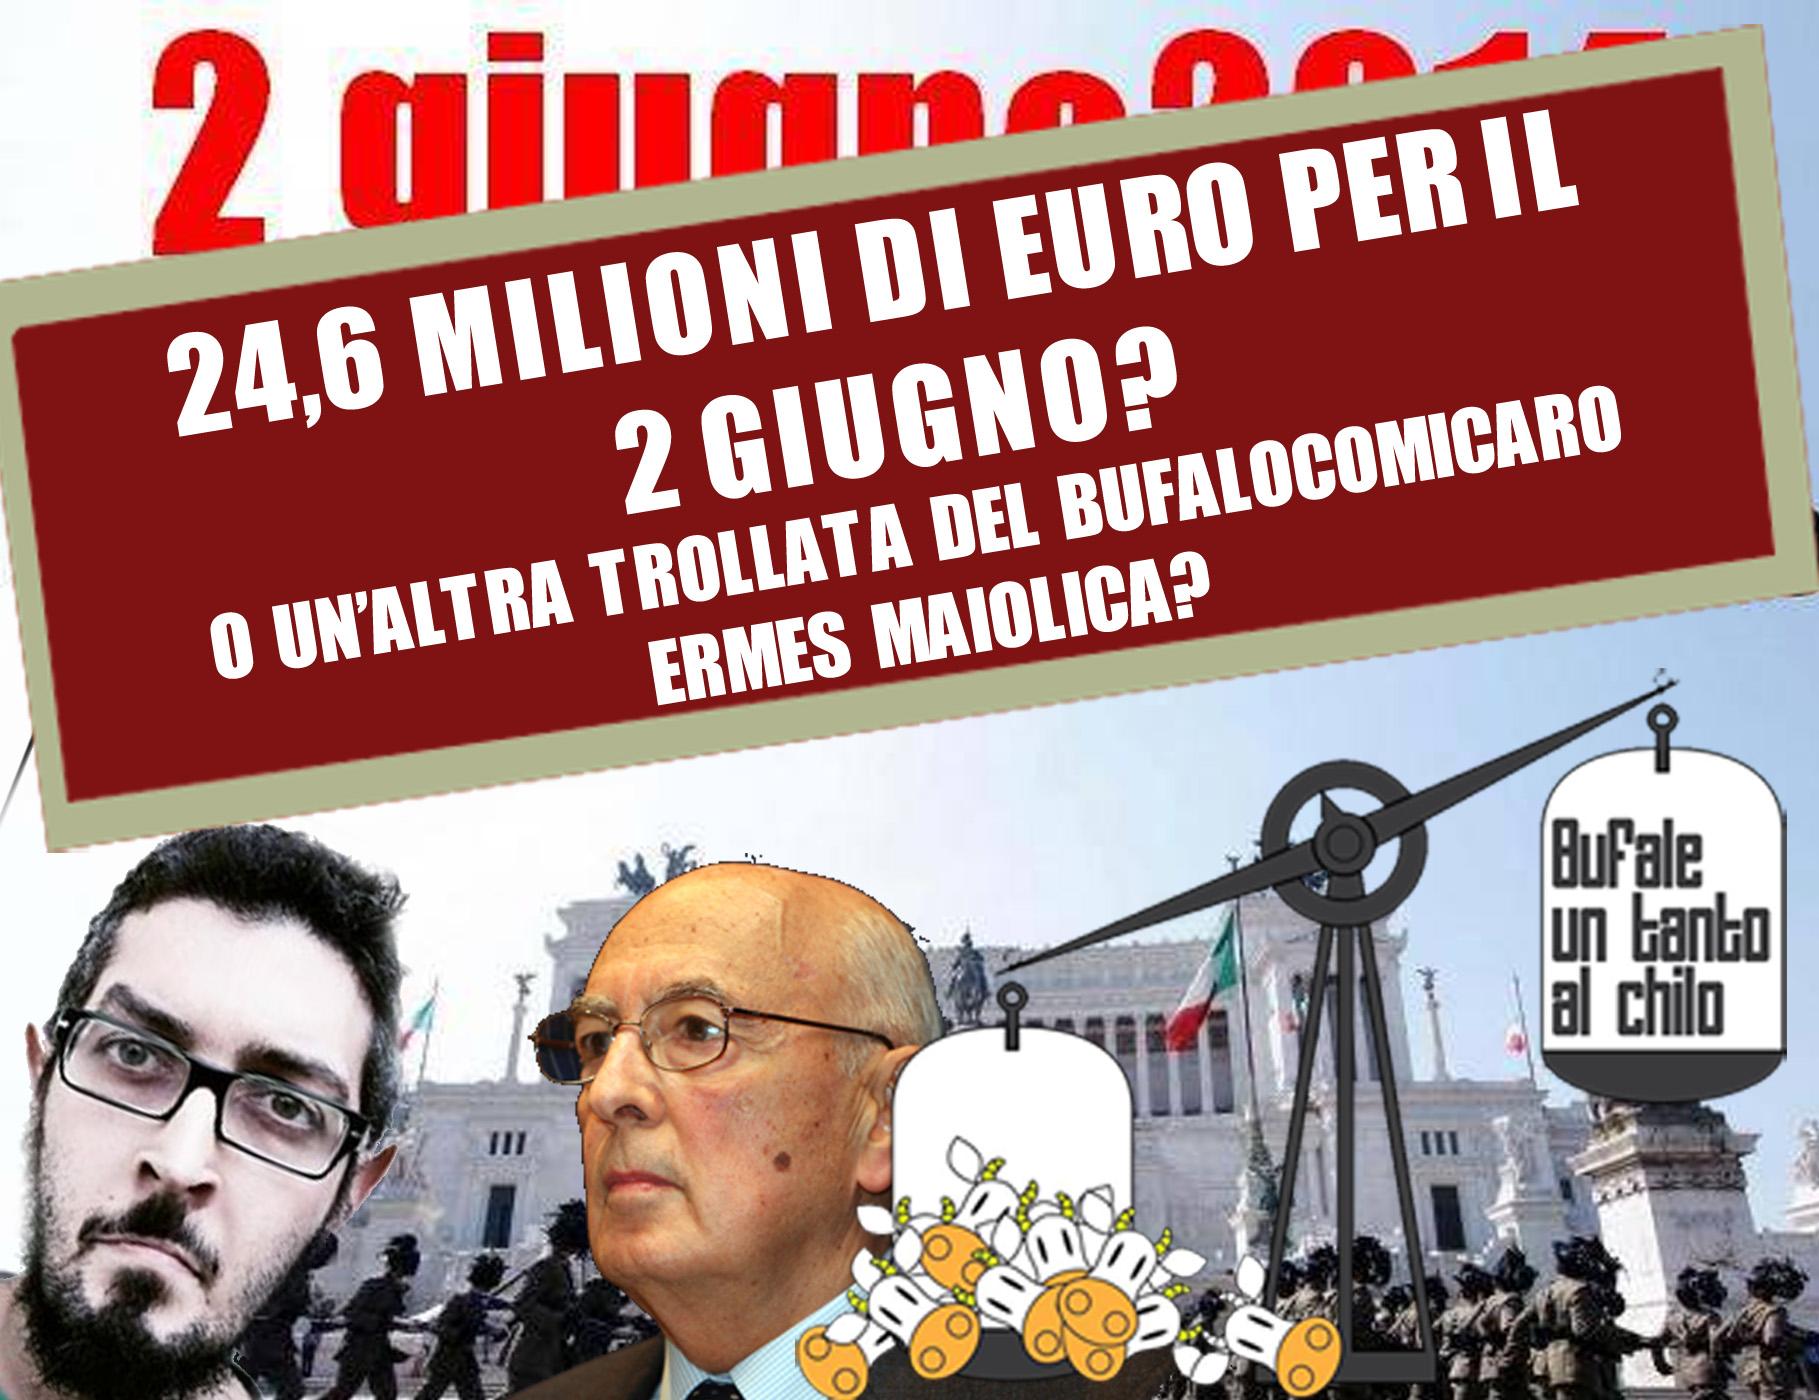 24milioniermes